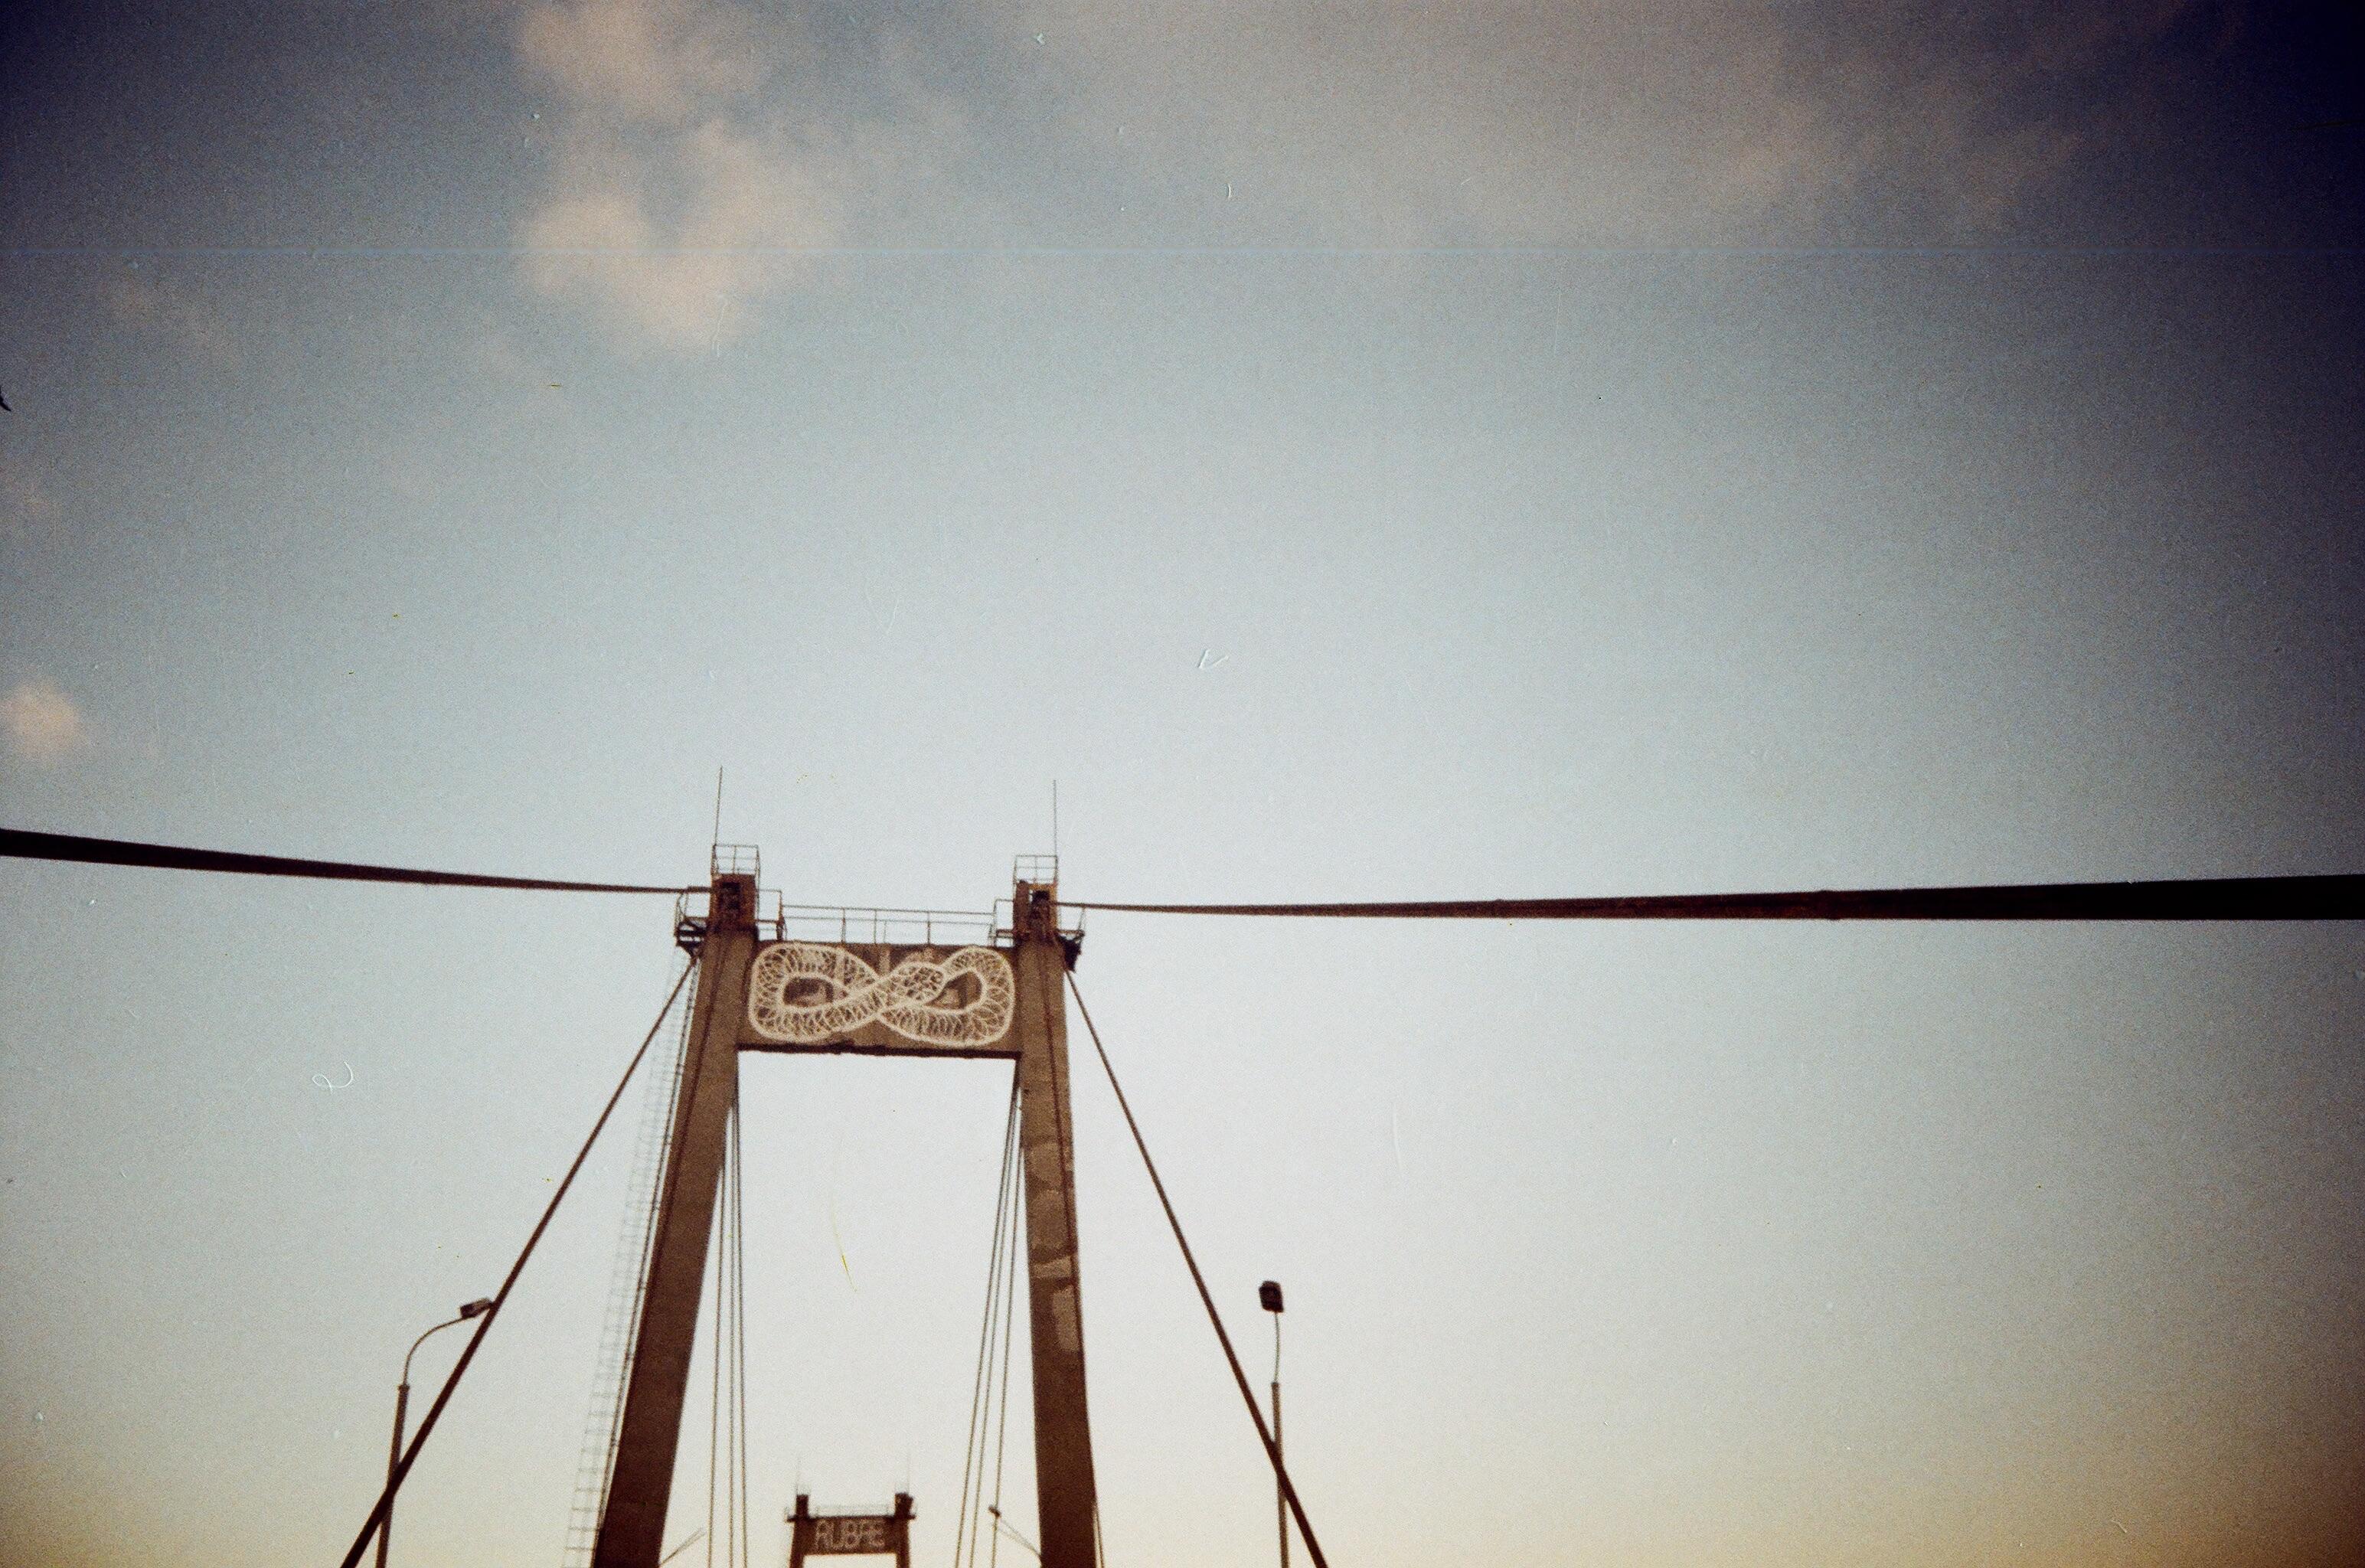 Kostenlose foto : Licht, Himmel, Sonnenlicht, Morgen, Wind, Linie ...